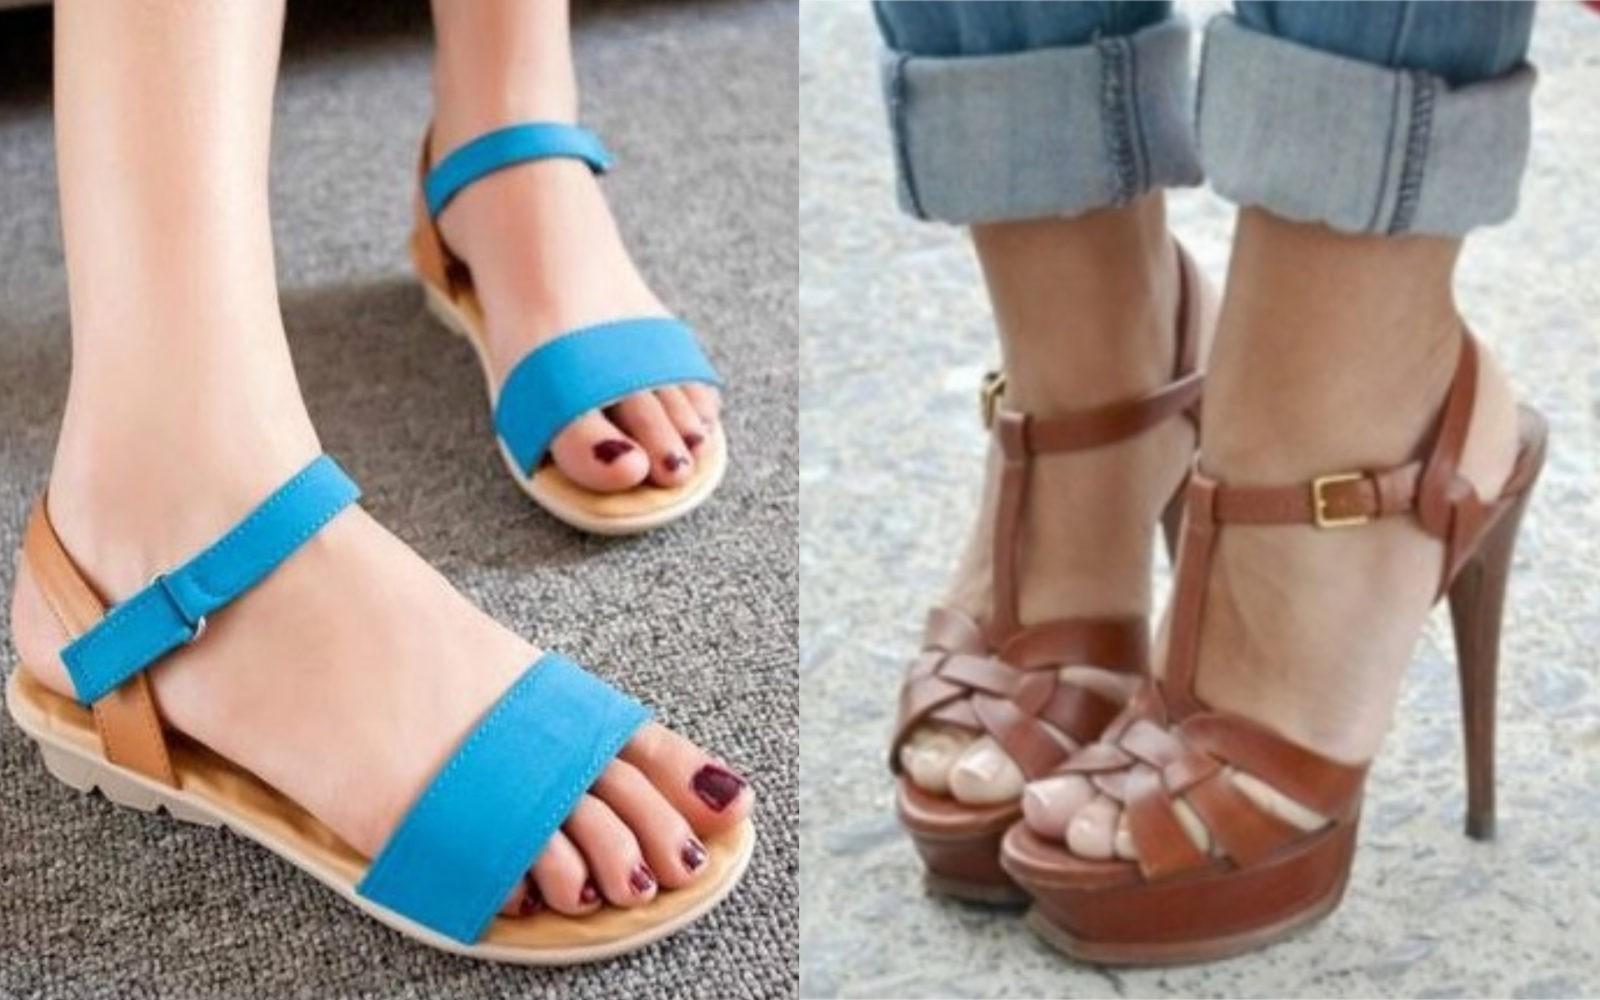 босоножки сандалии с открытым носком лето 2018 2019 на плоской подошве на каблуке с рмешками